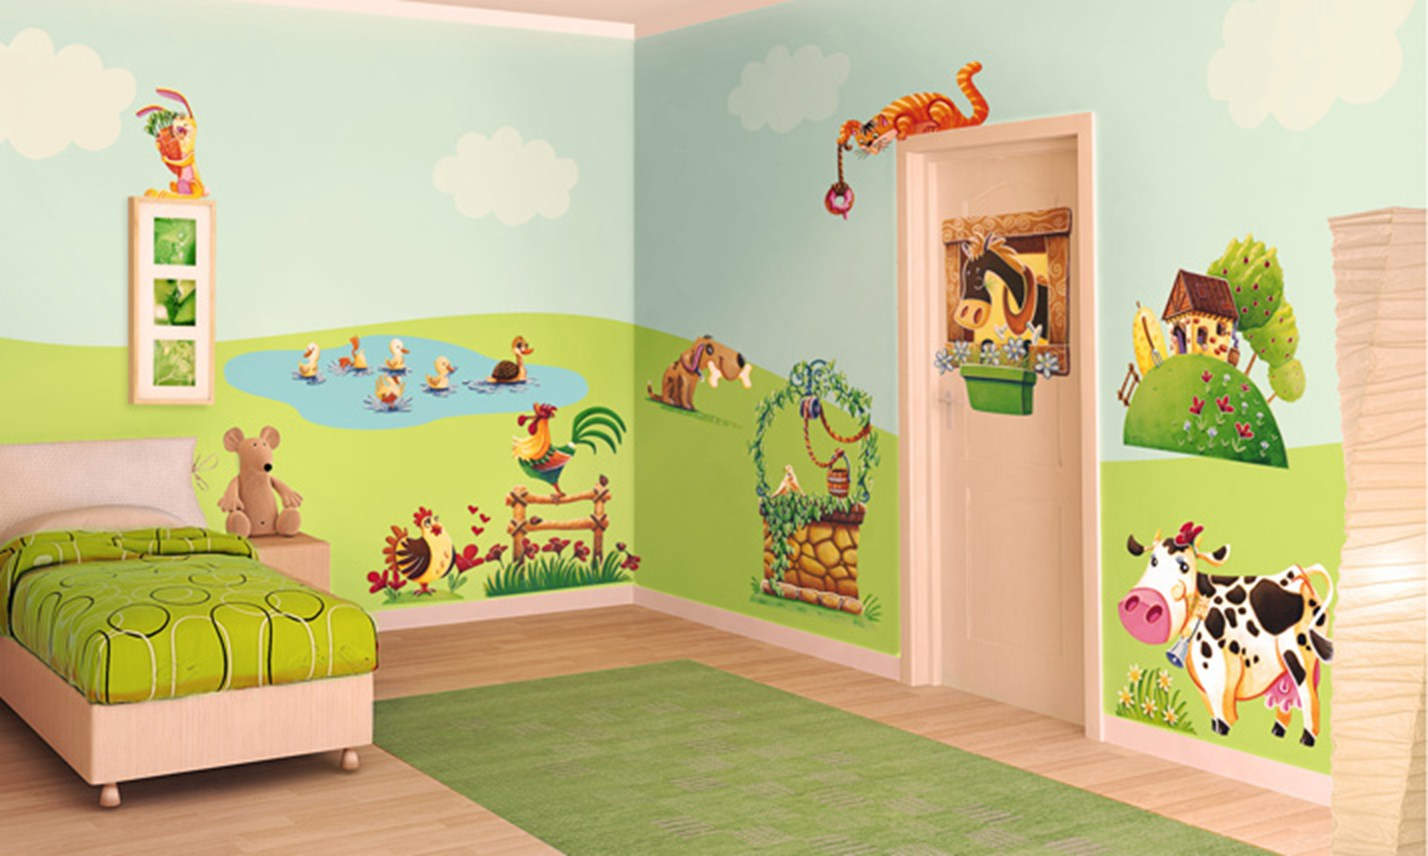 Disegni per camerette di bambini yl74 regardsdefemmes for Decorazioni per camerette